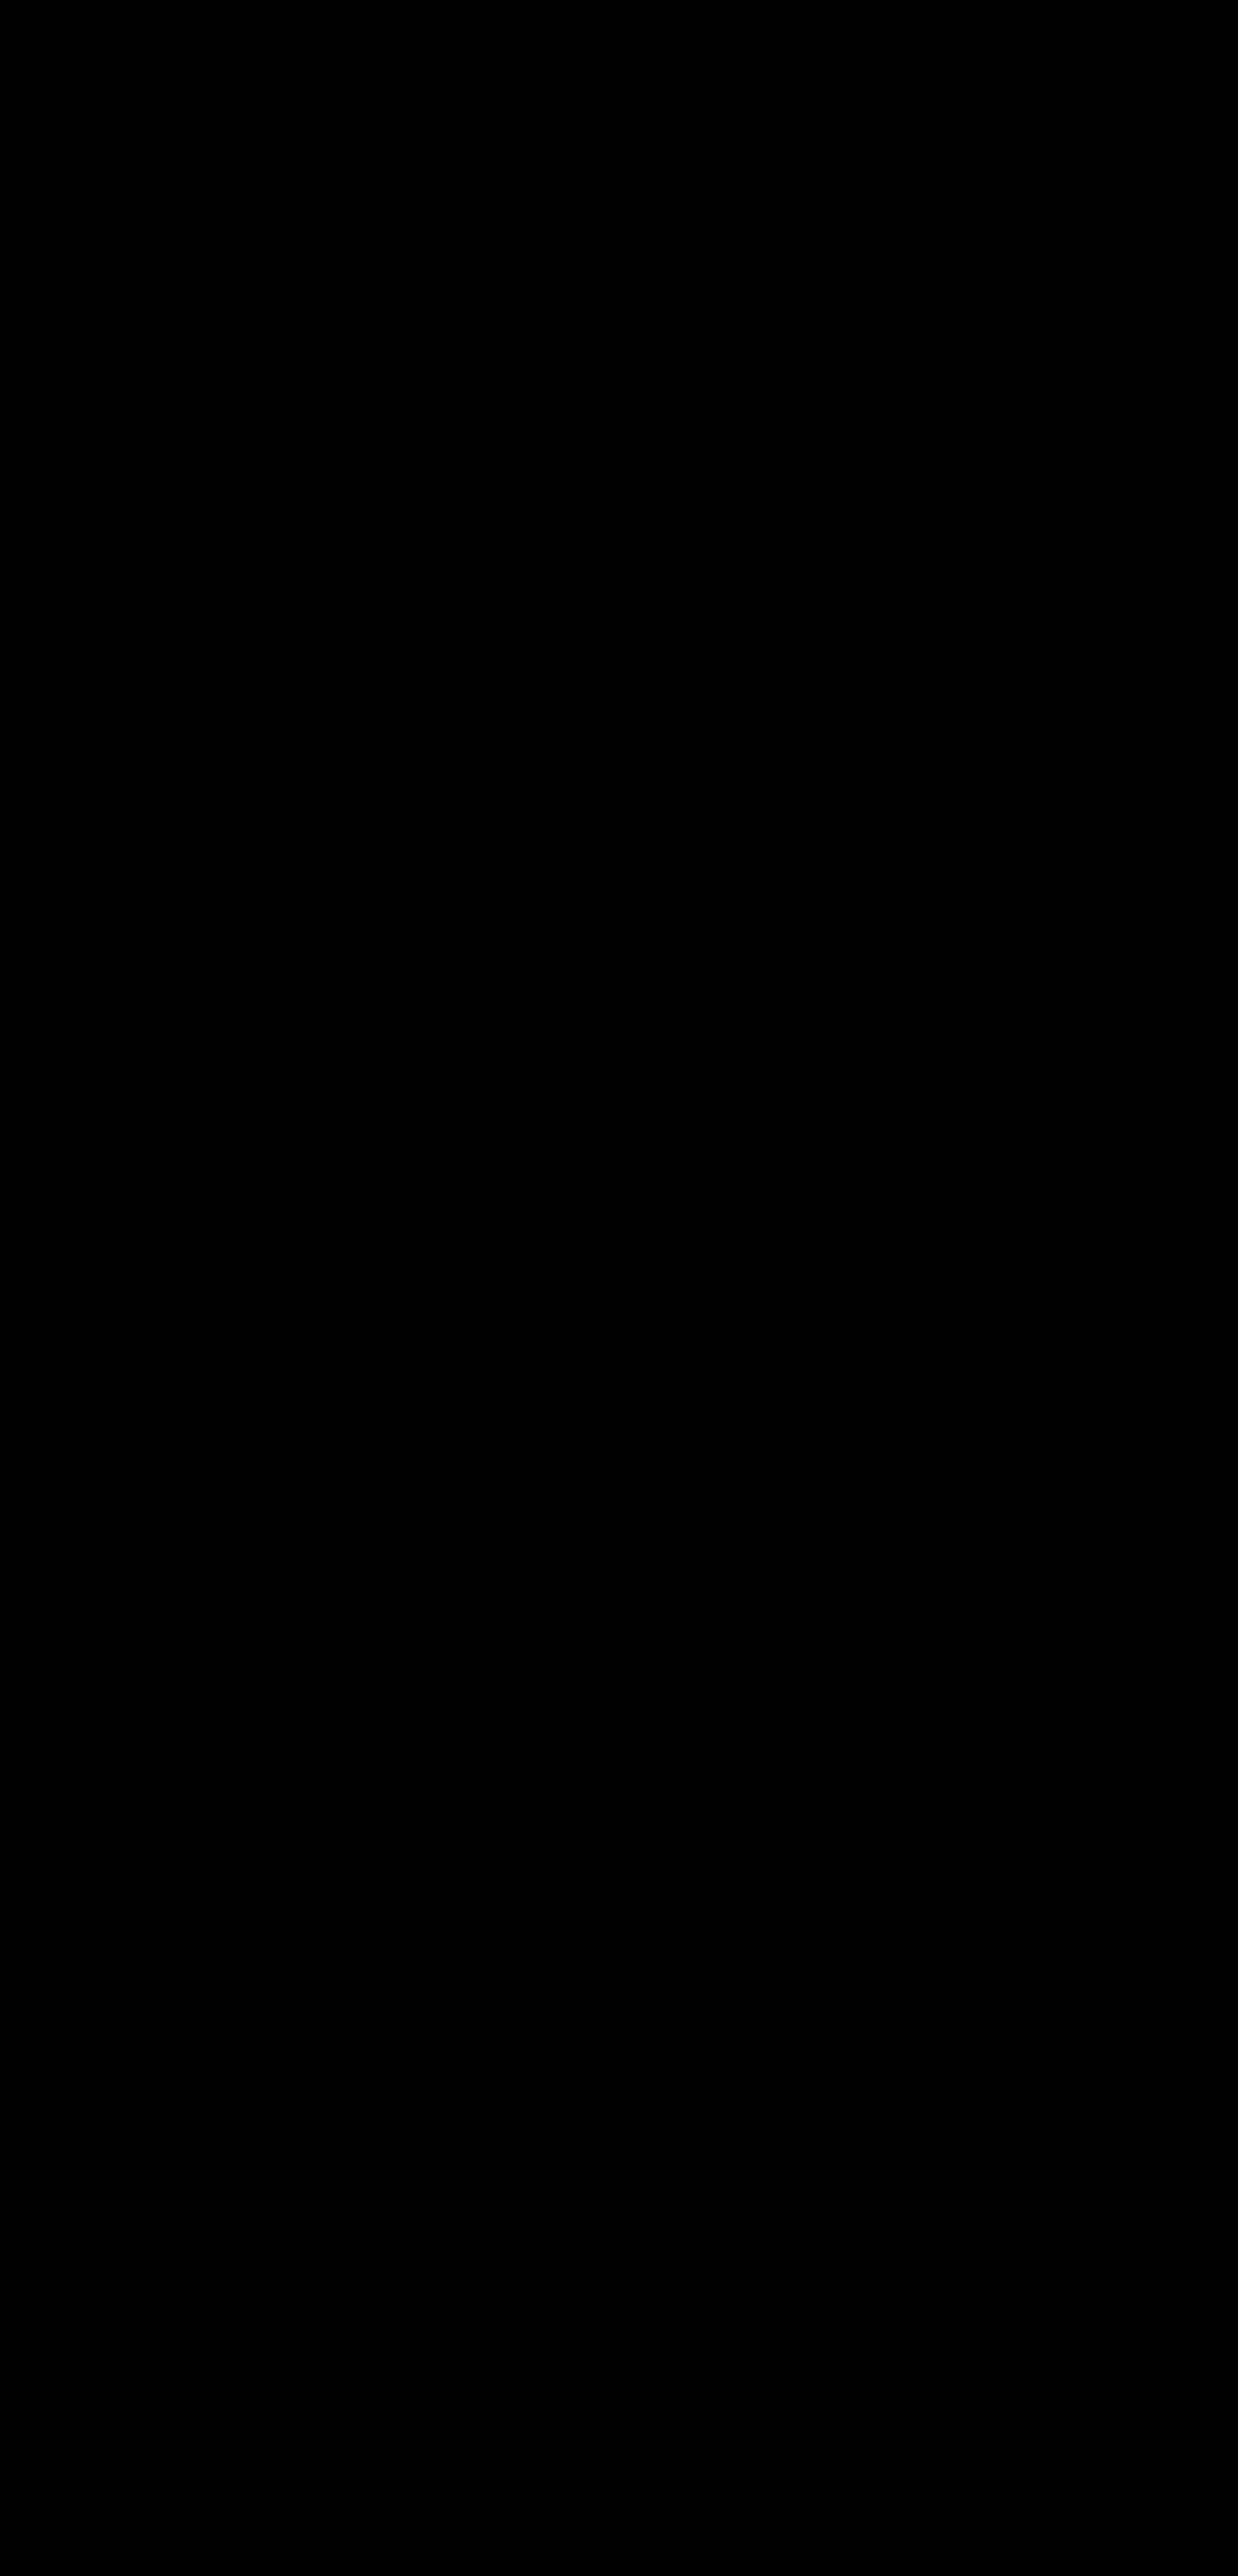 Libros de texto: OFERTAS de La Papelería Arpoval